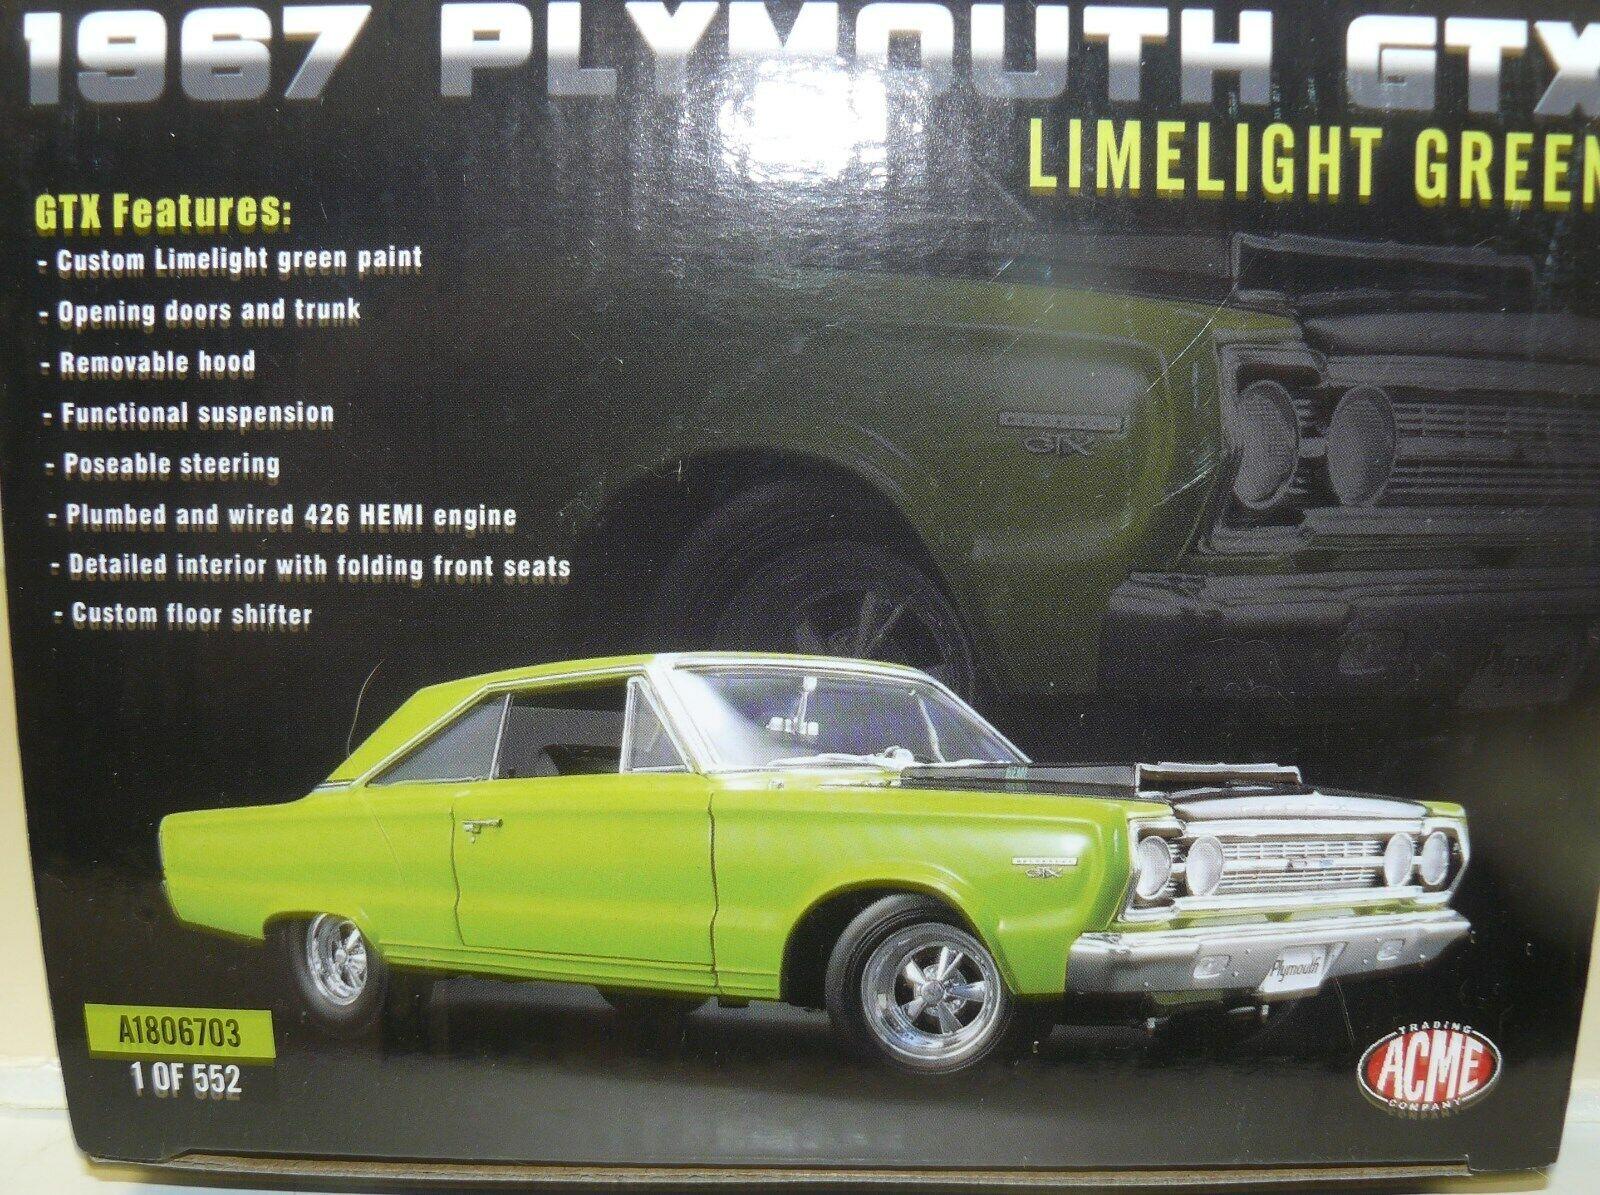 bienvenido a elegir 1 18, 1967 Plymouth Gtx, Limelight Limelight Limelight verde,  279 de 552, el cilindro maestro  estar en gran demanda